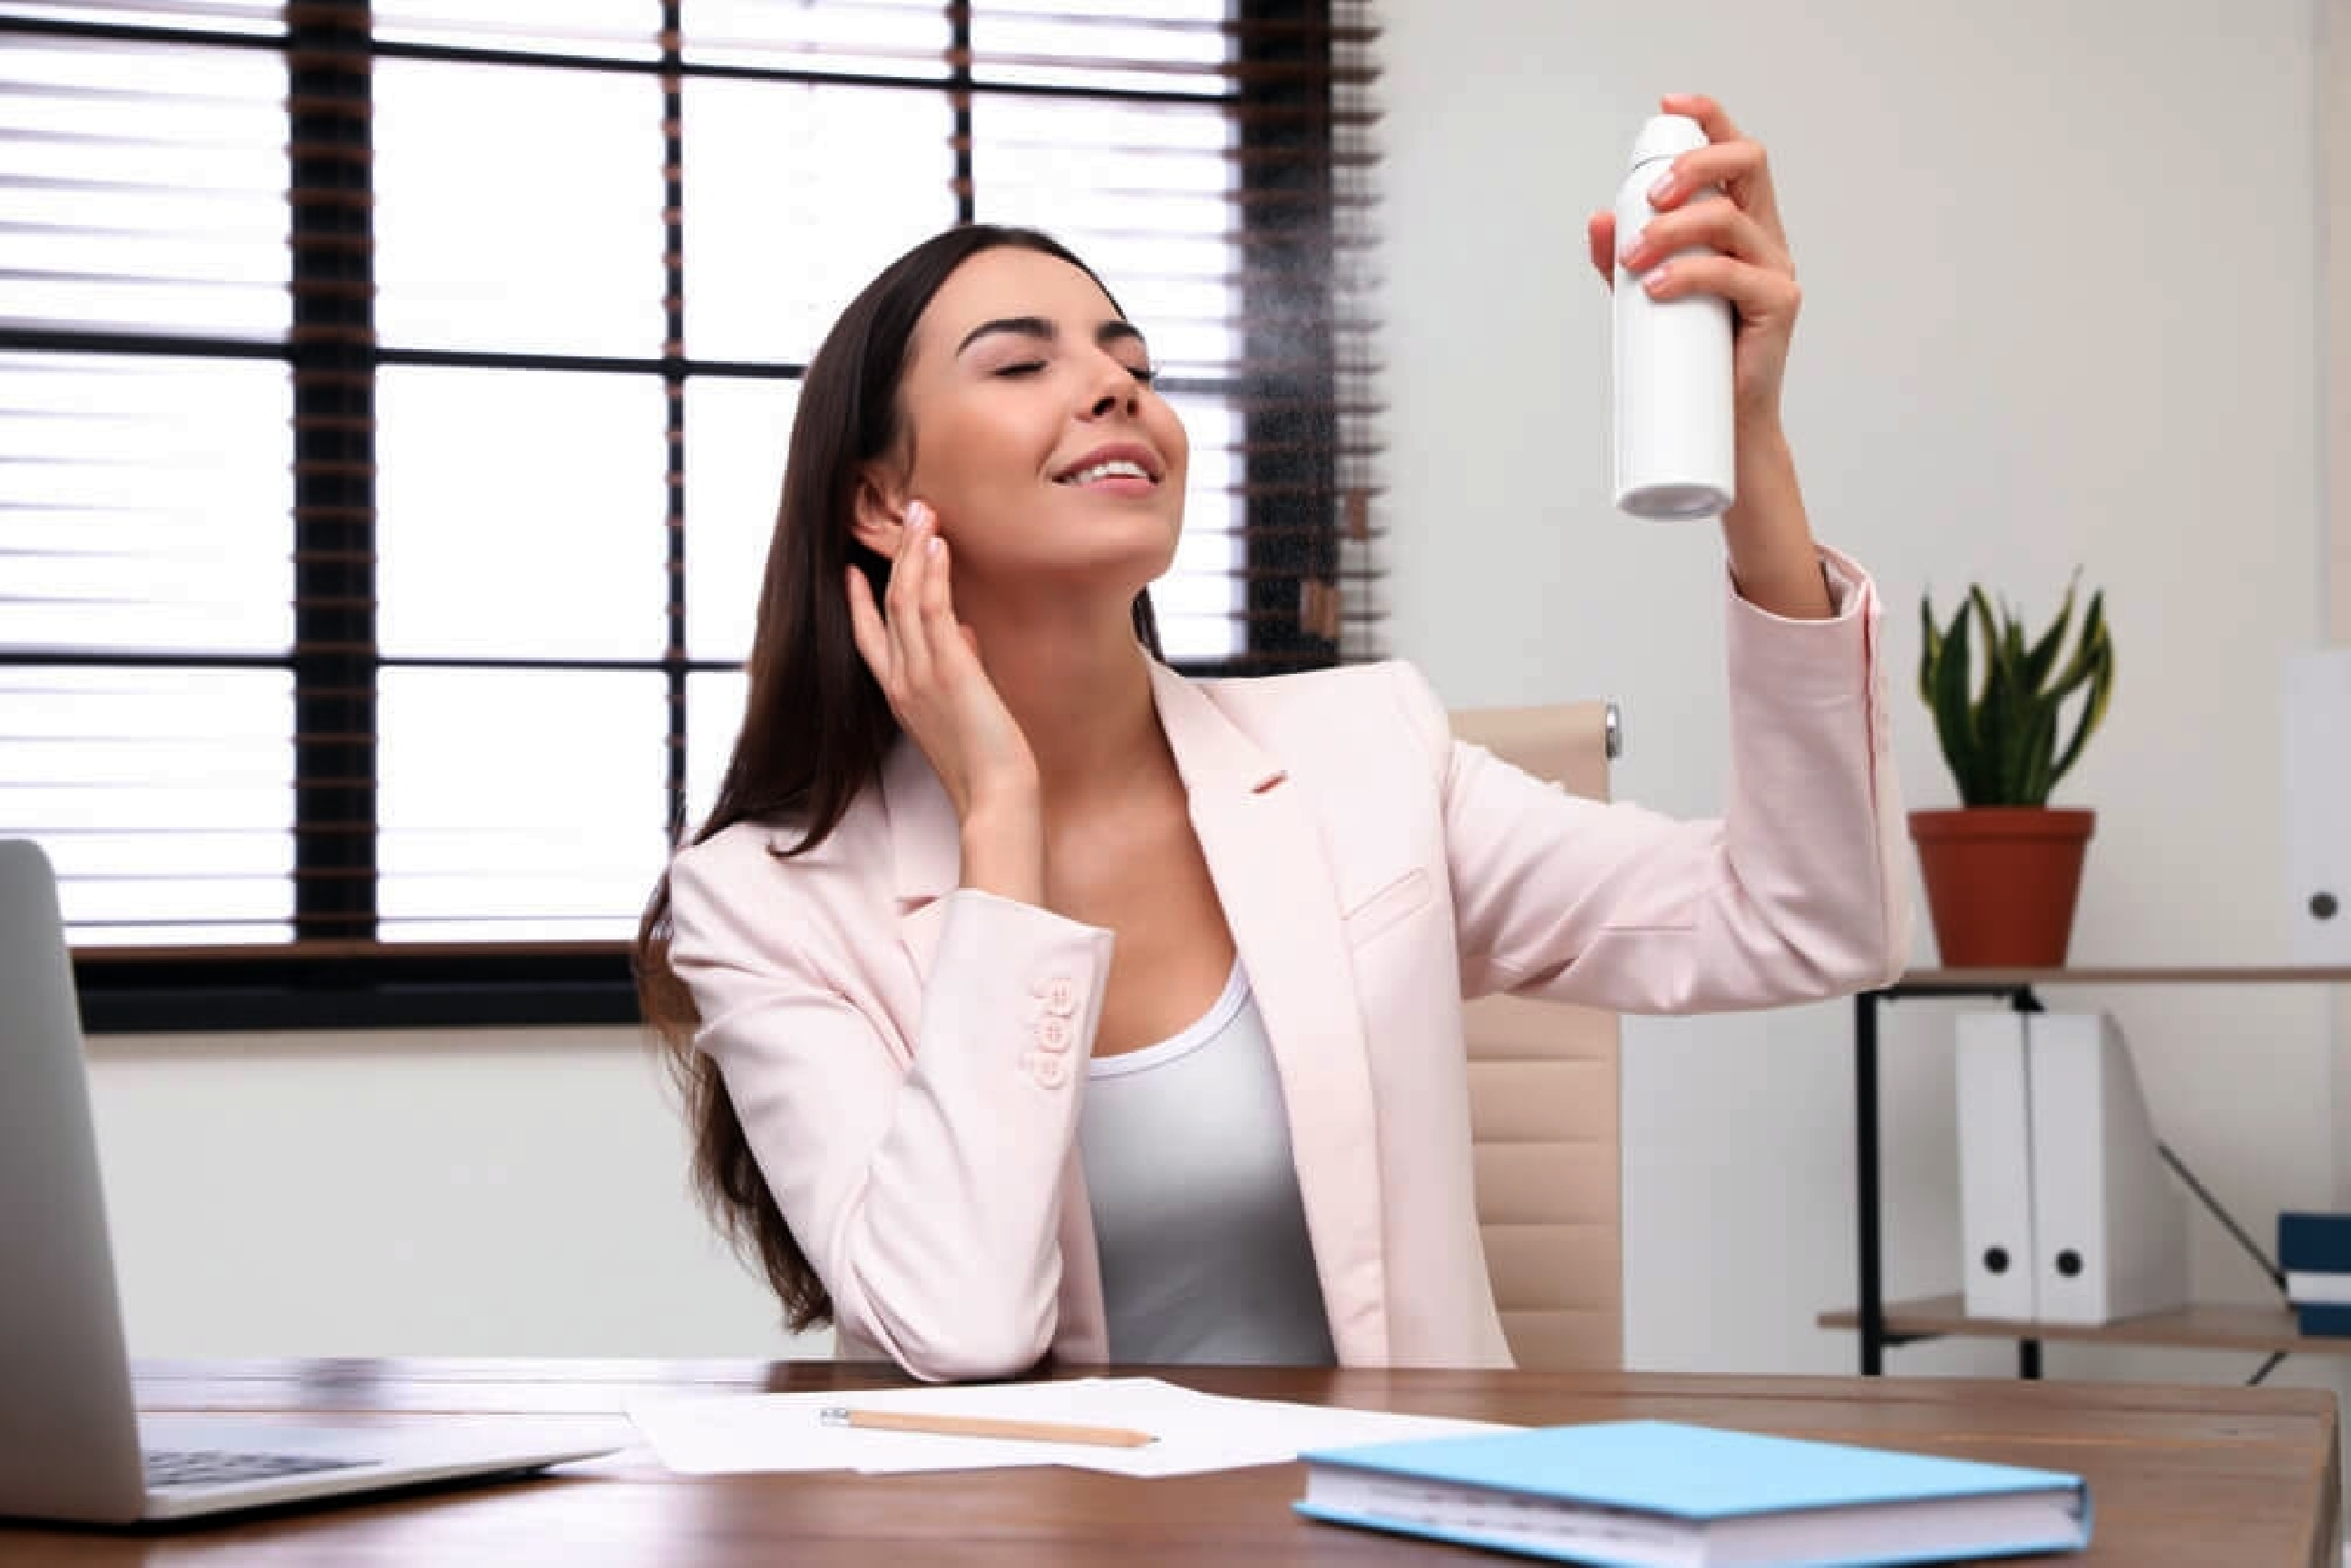 Menjaga kebersihan dan kesehatan wajah juga penting di masa pandemi